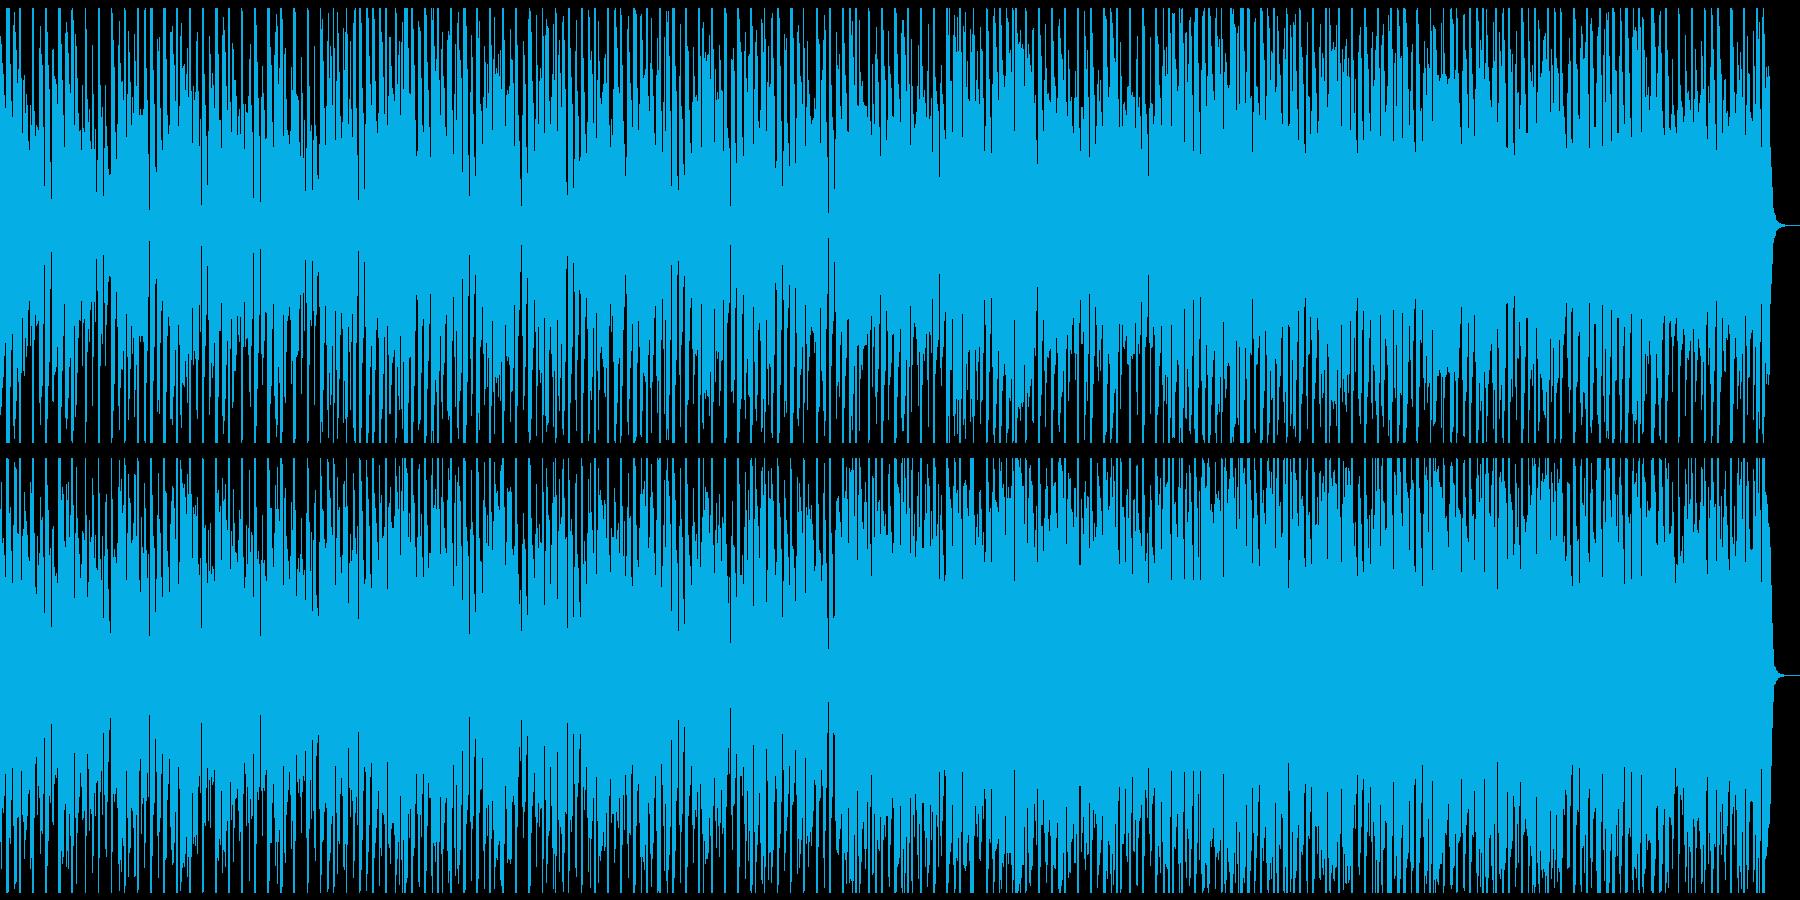 ジングルベル 南国風アレンジ鈴入りVerの再生済みの波形